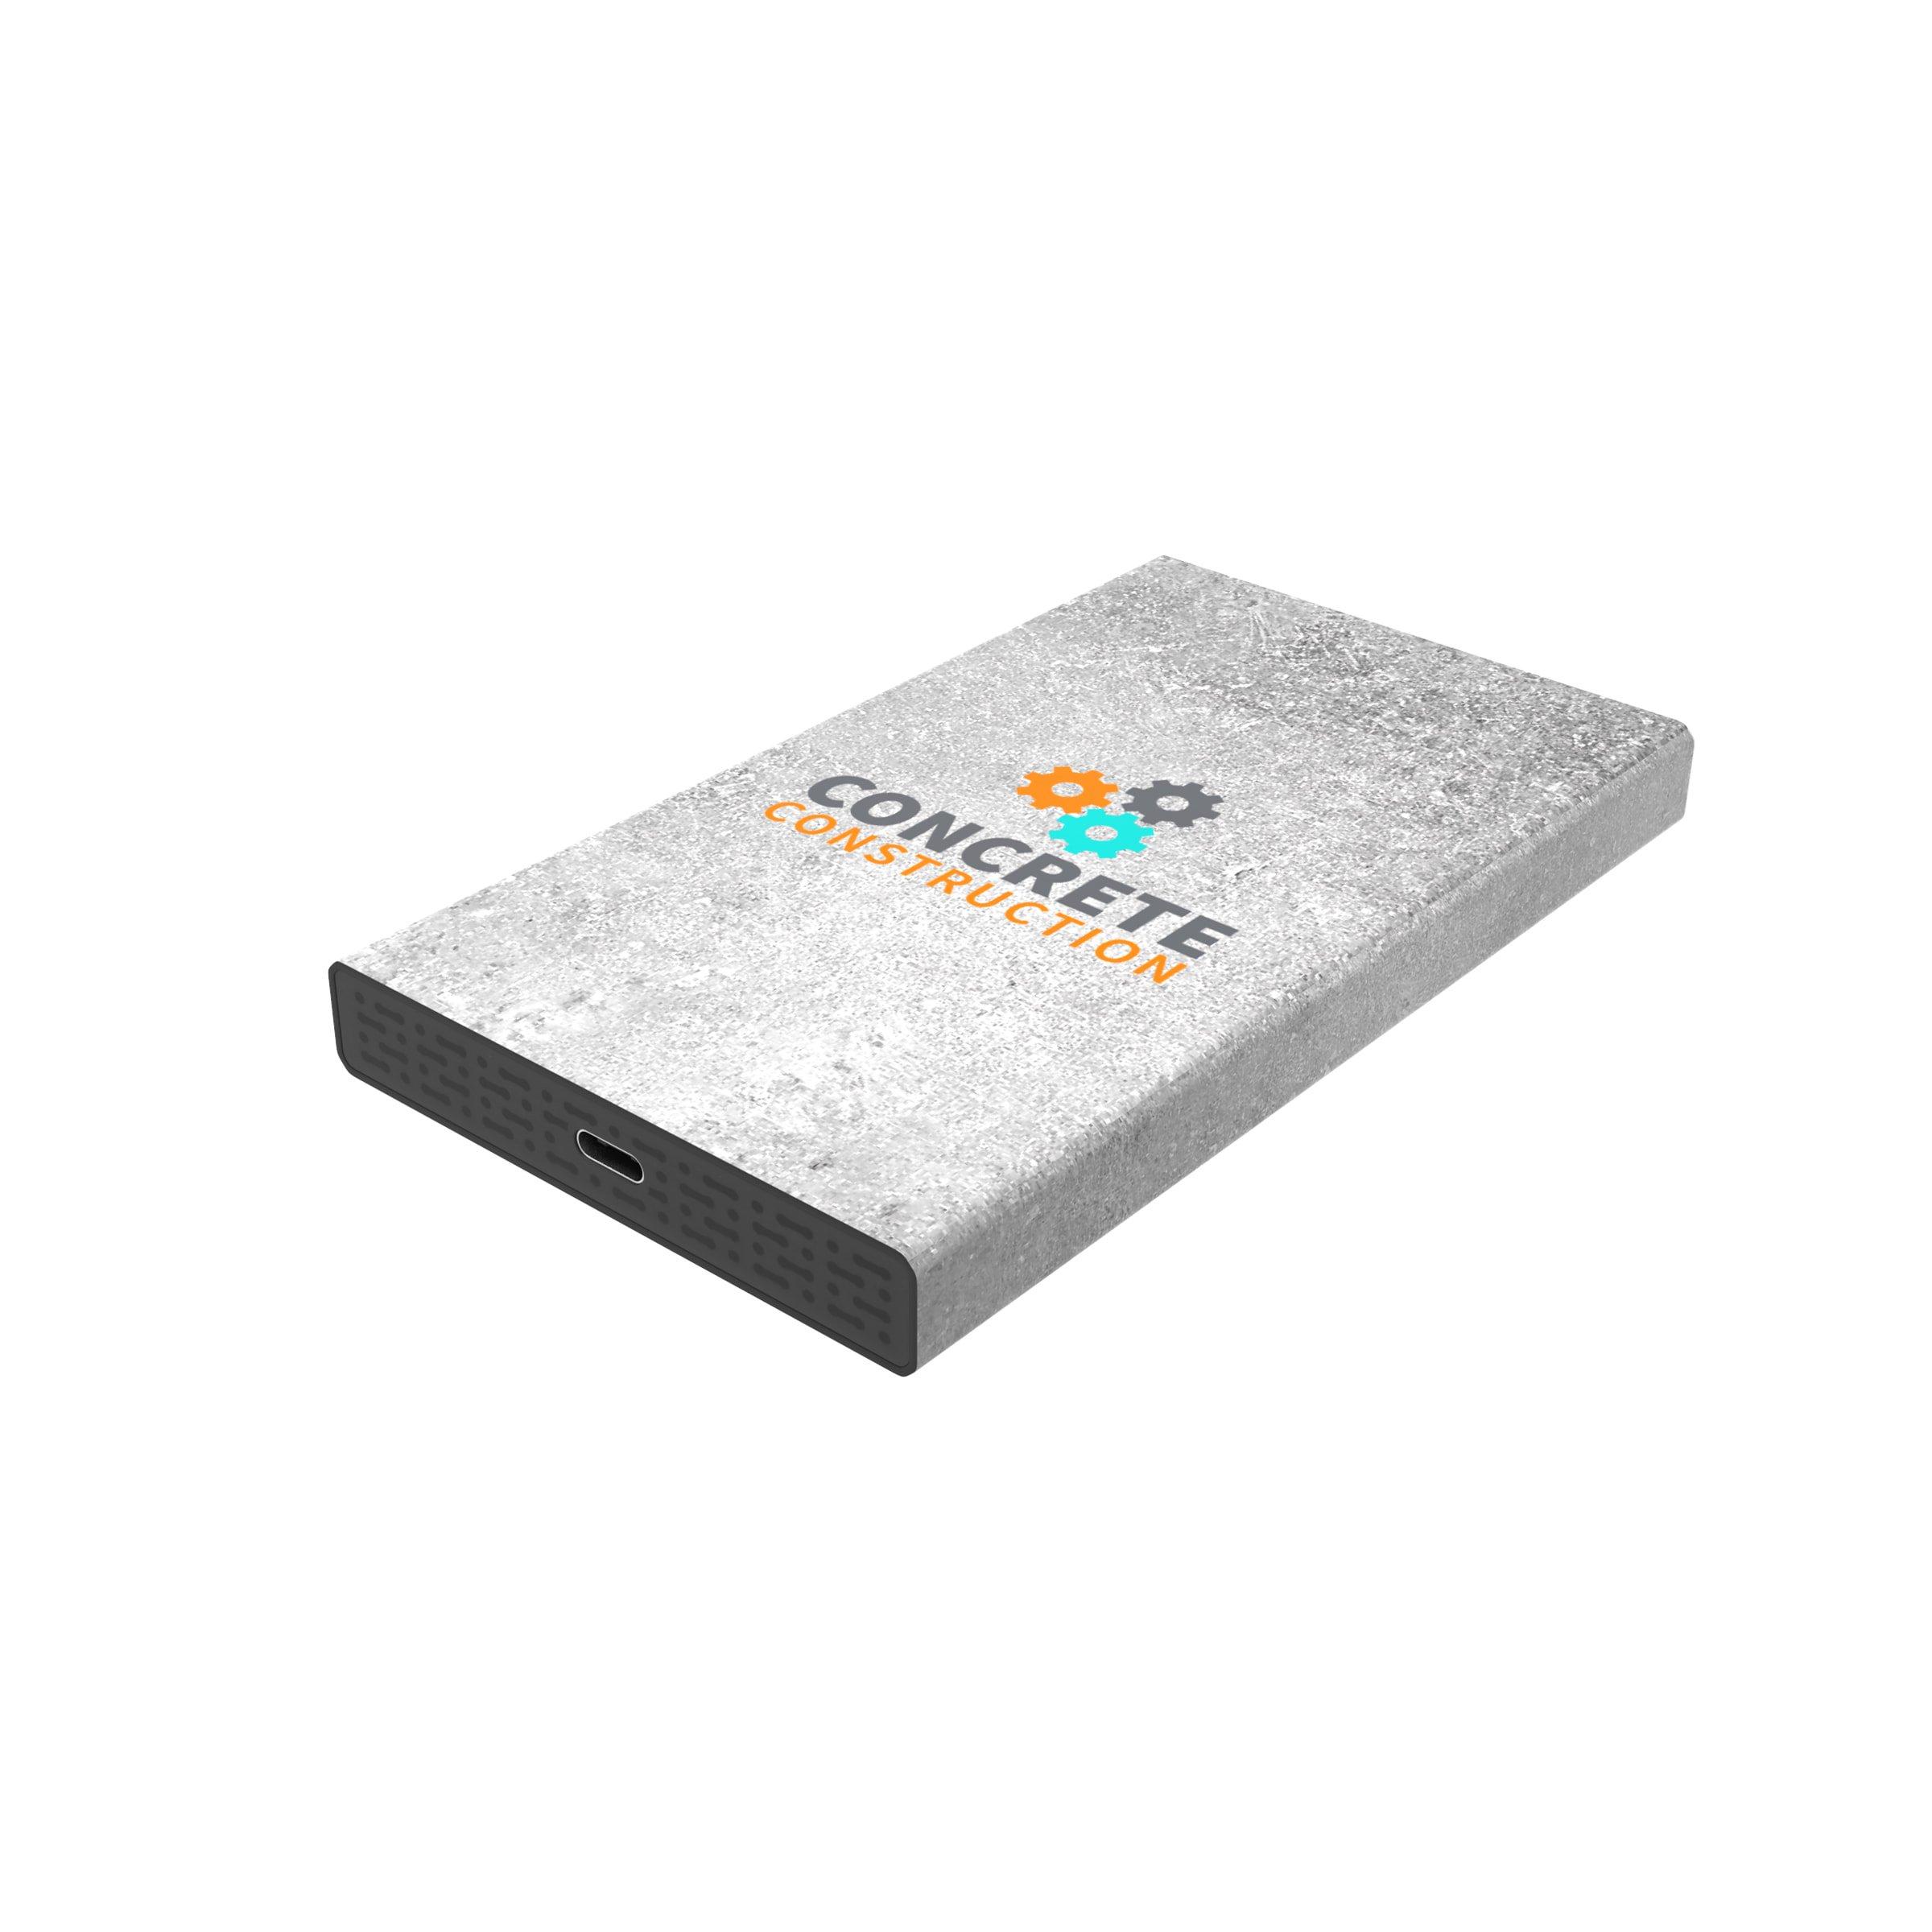 DN White Lake Pro External HDD 2 TB